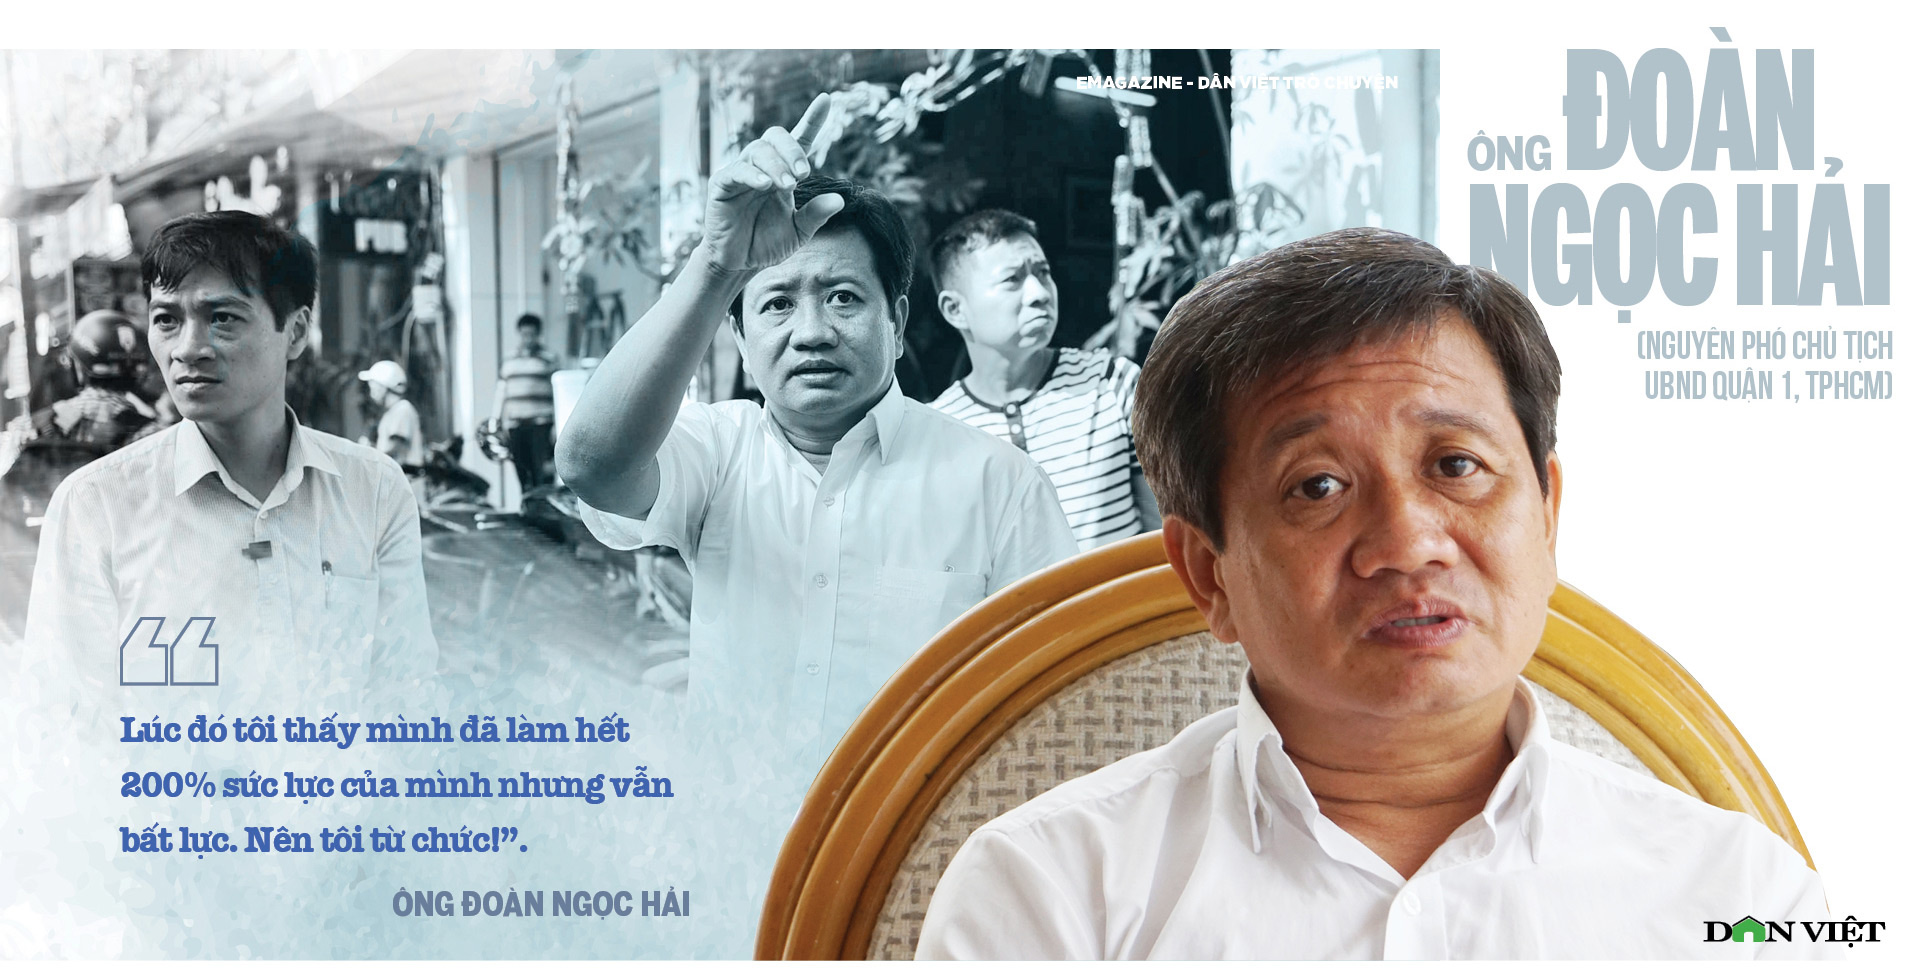 Ông Đoàn Ngọc Hải (nguyên Phó Chủ tịch UBND quận 1, TPHCM): Tôi đang đi trên một con đường rất ít người đi  - Ảnh 7.